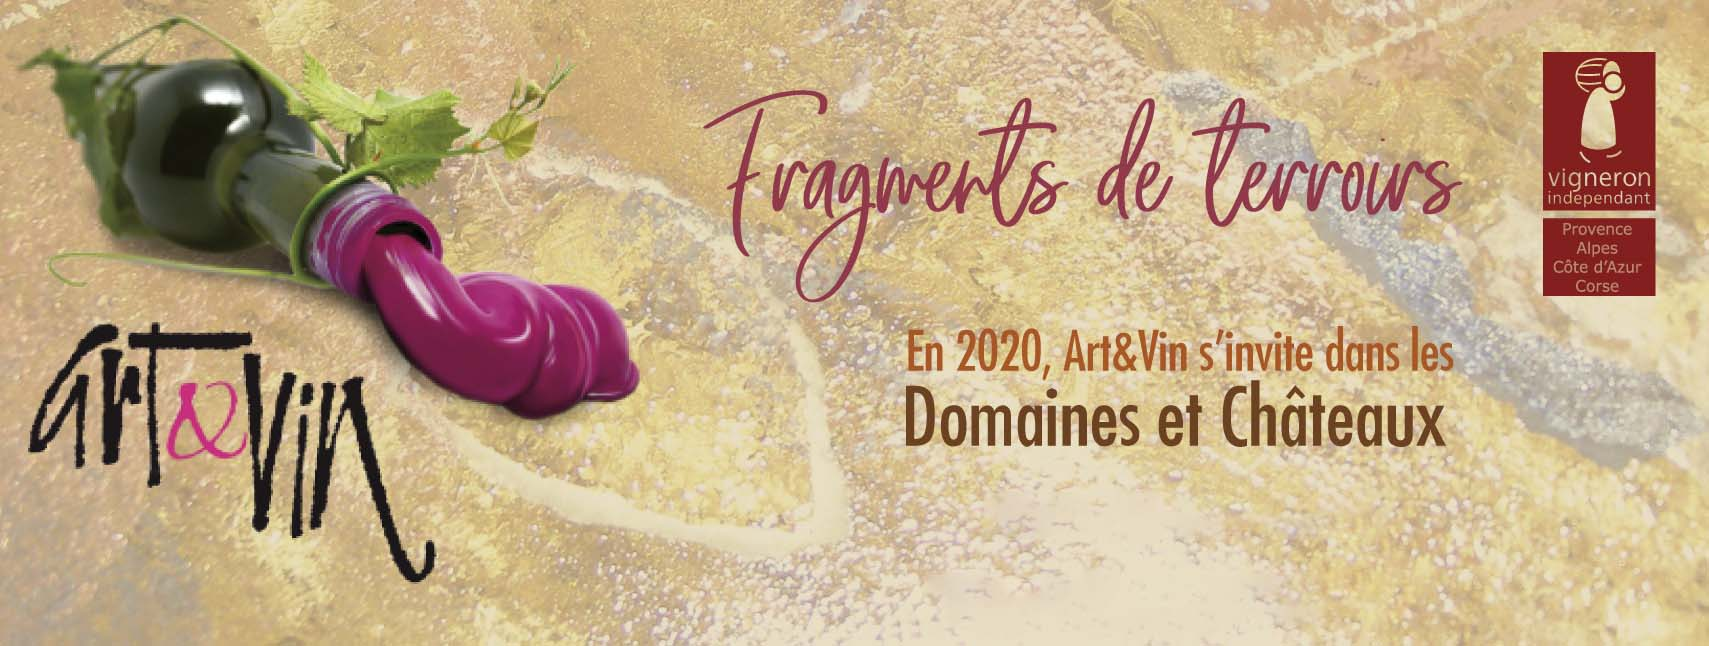 art et vin 2020